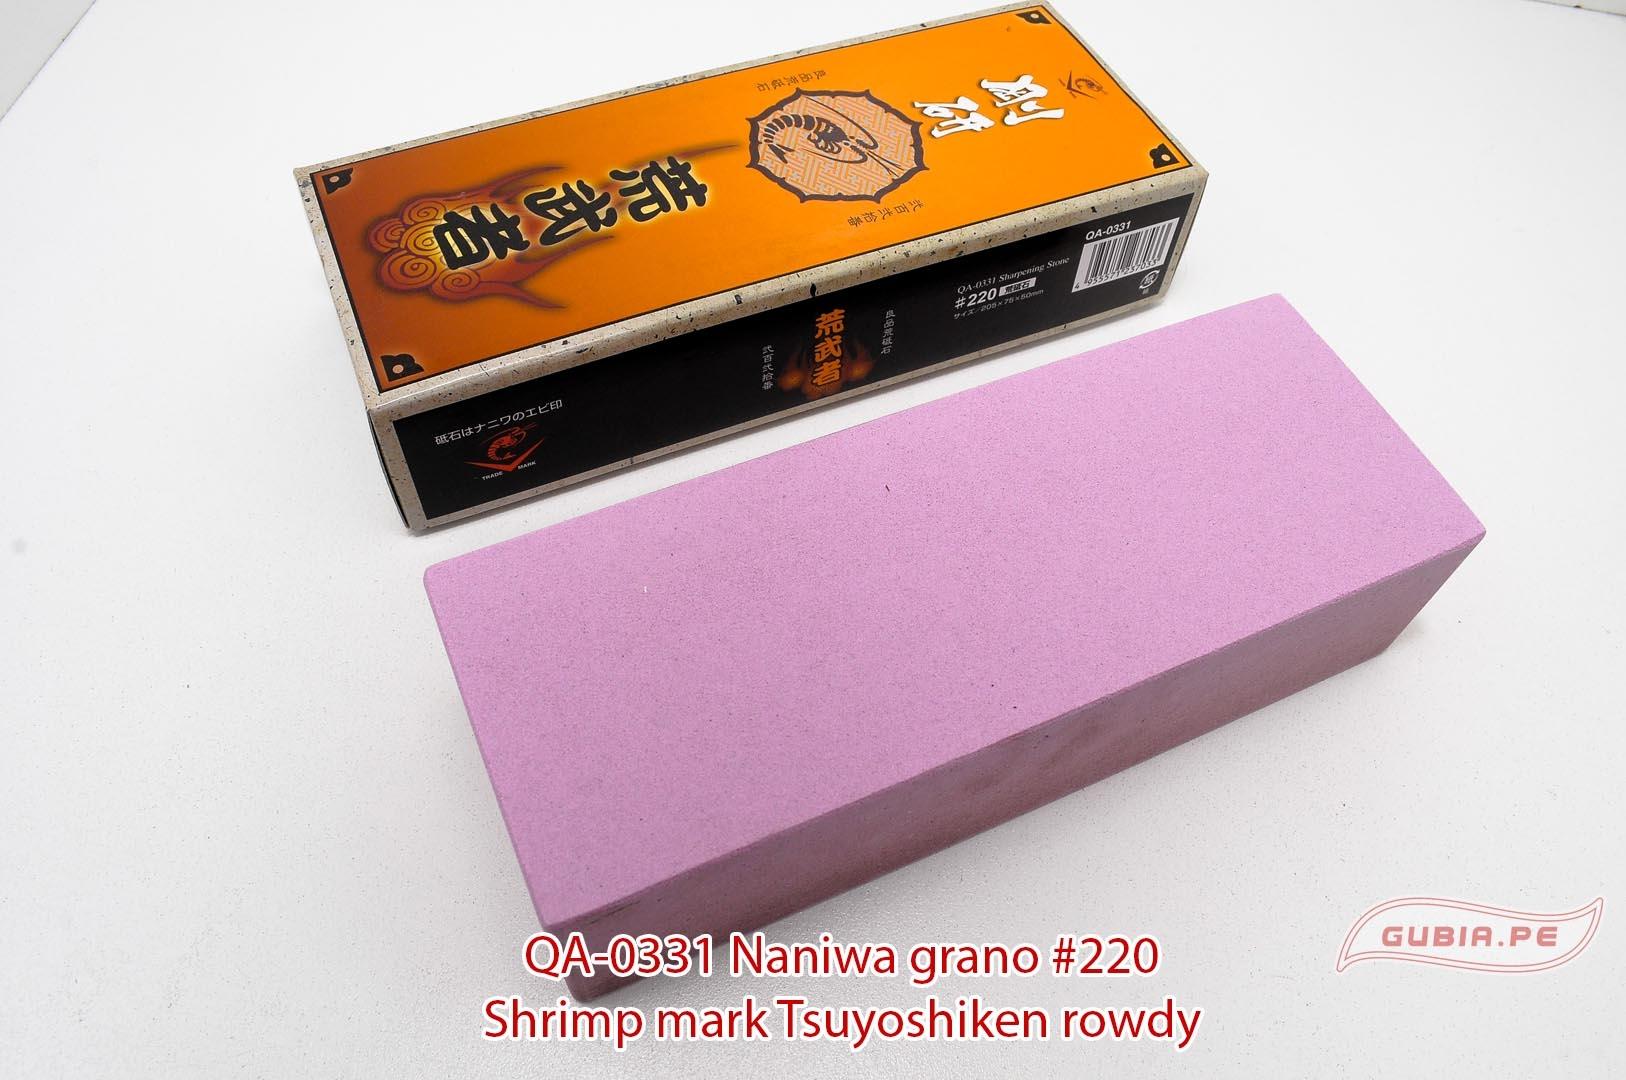 QA-0331-Piedra de afilar reparar filo 220 Tsuyoshiken Naniwa QA-0331-max-1.